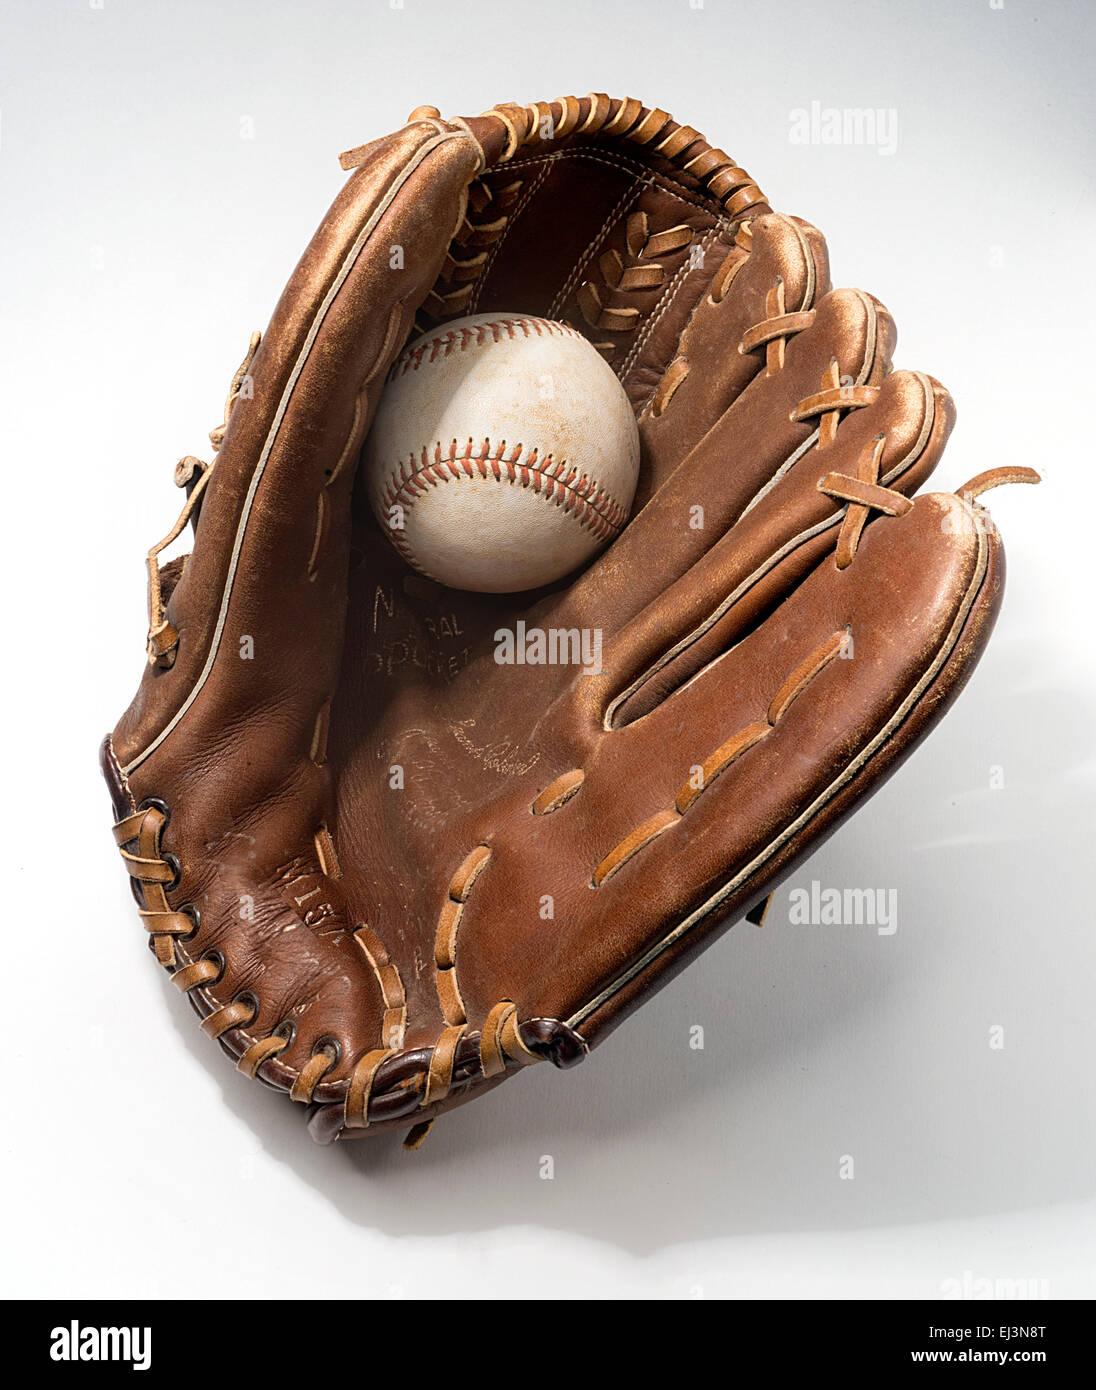 guanto da baseball Immagini Stock